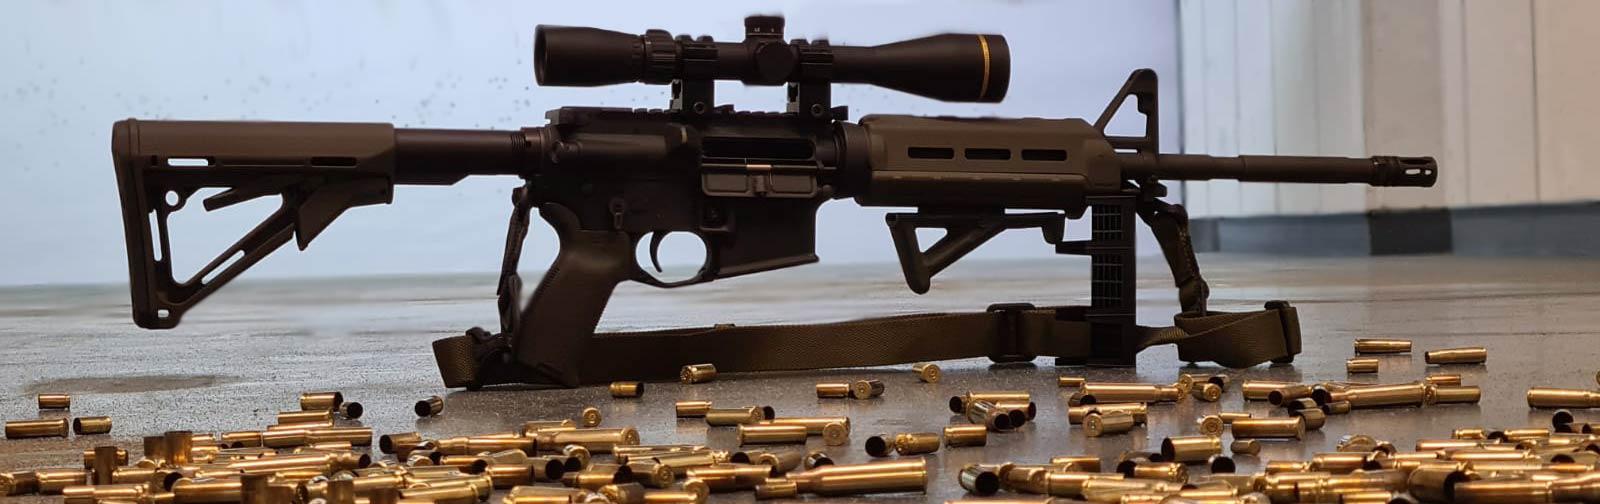 AR-15 Team Winkeler